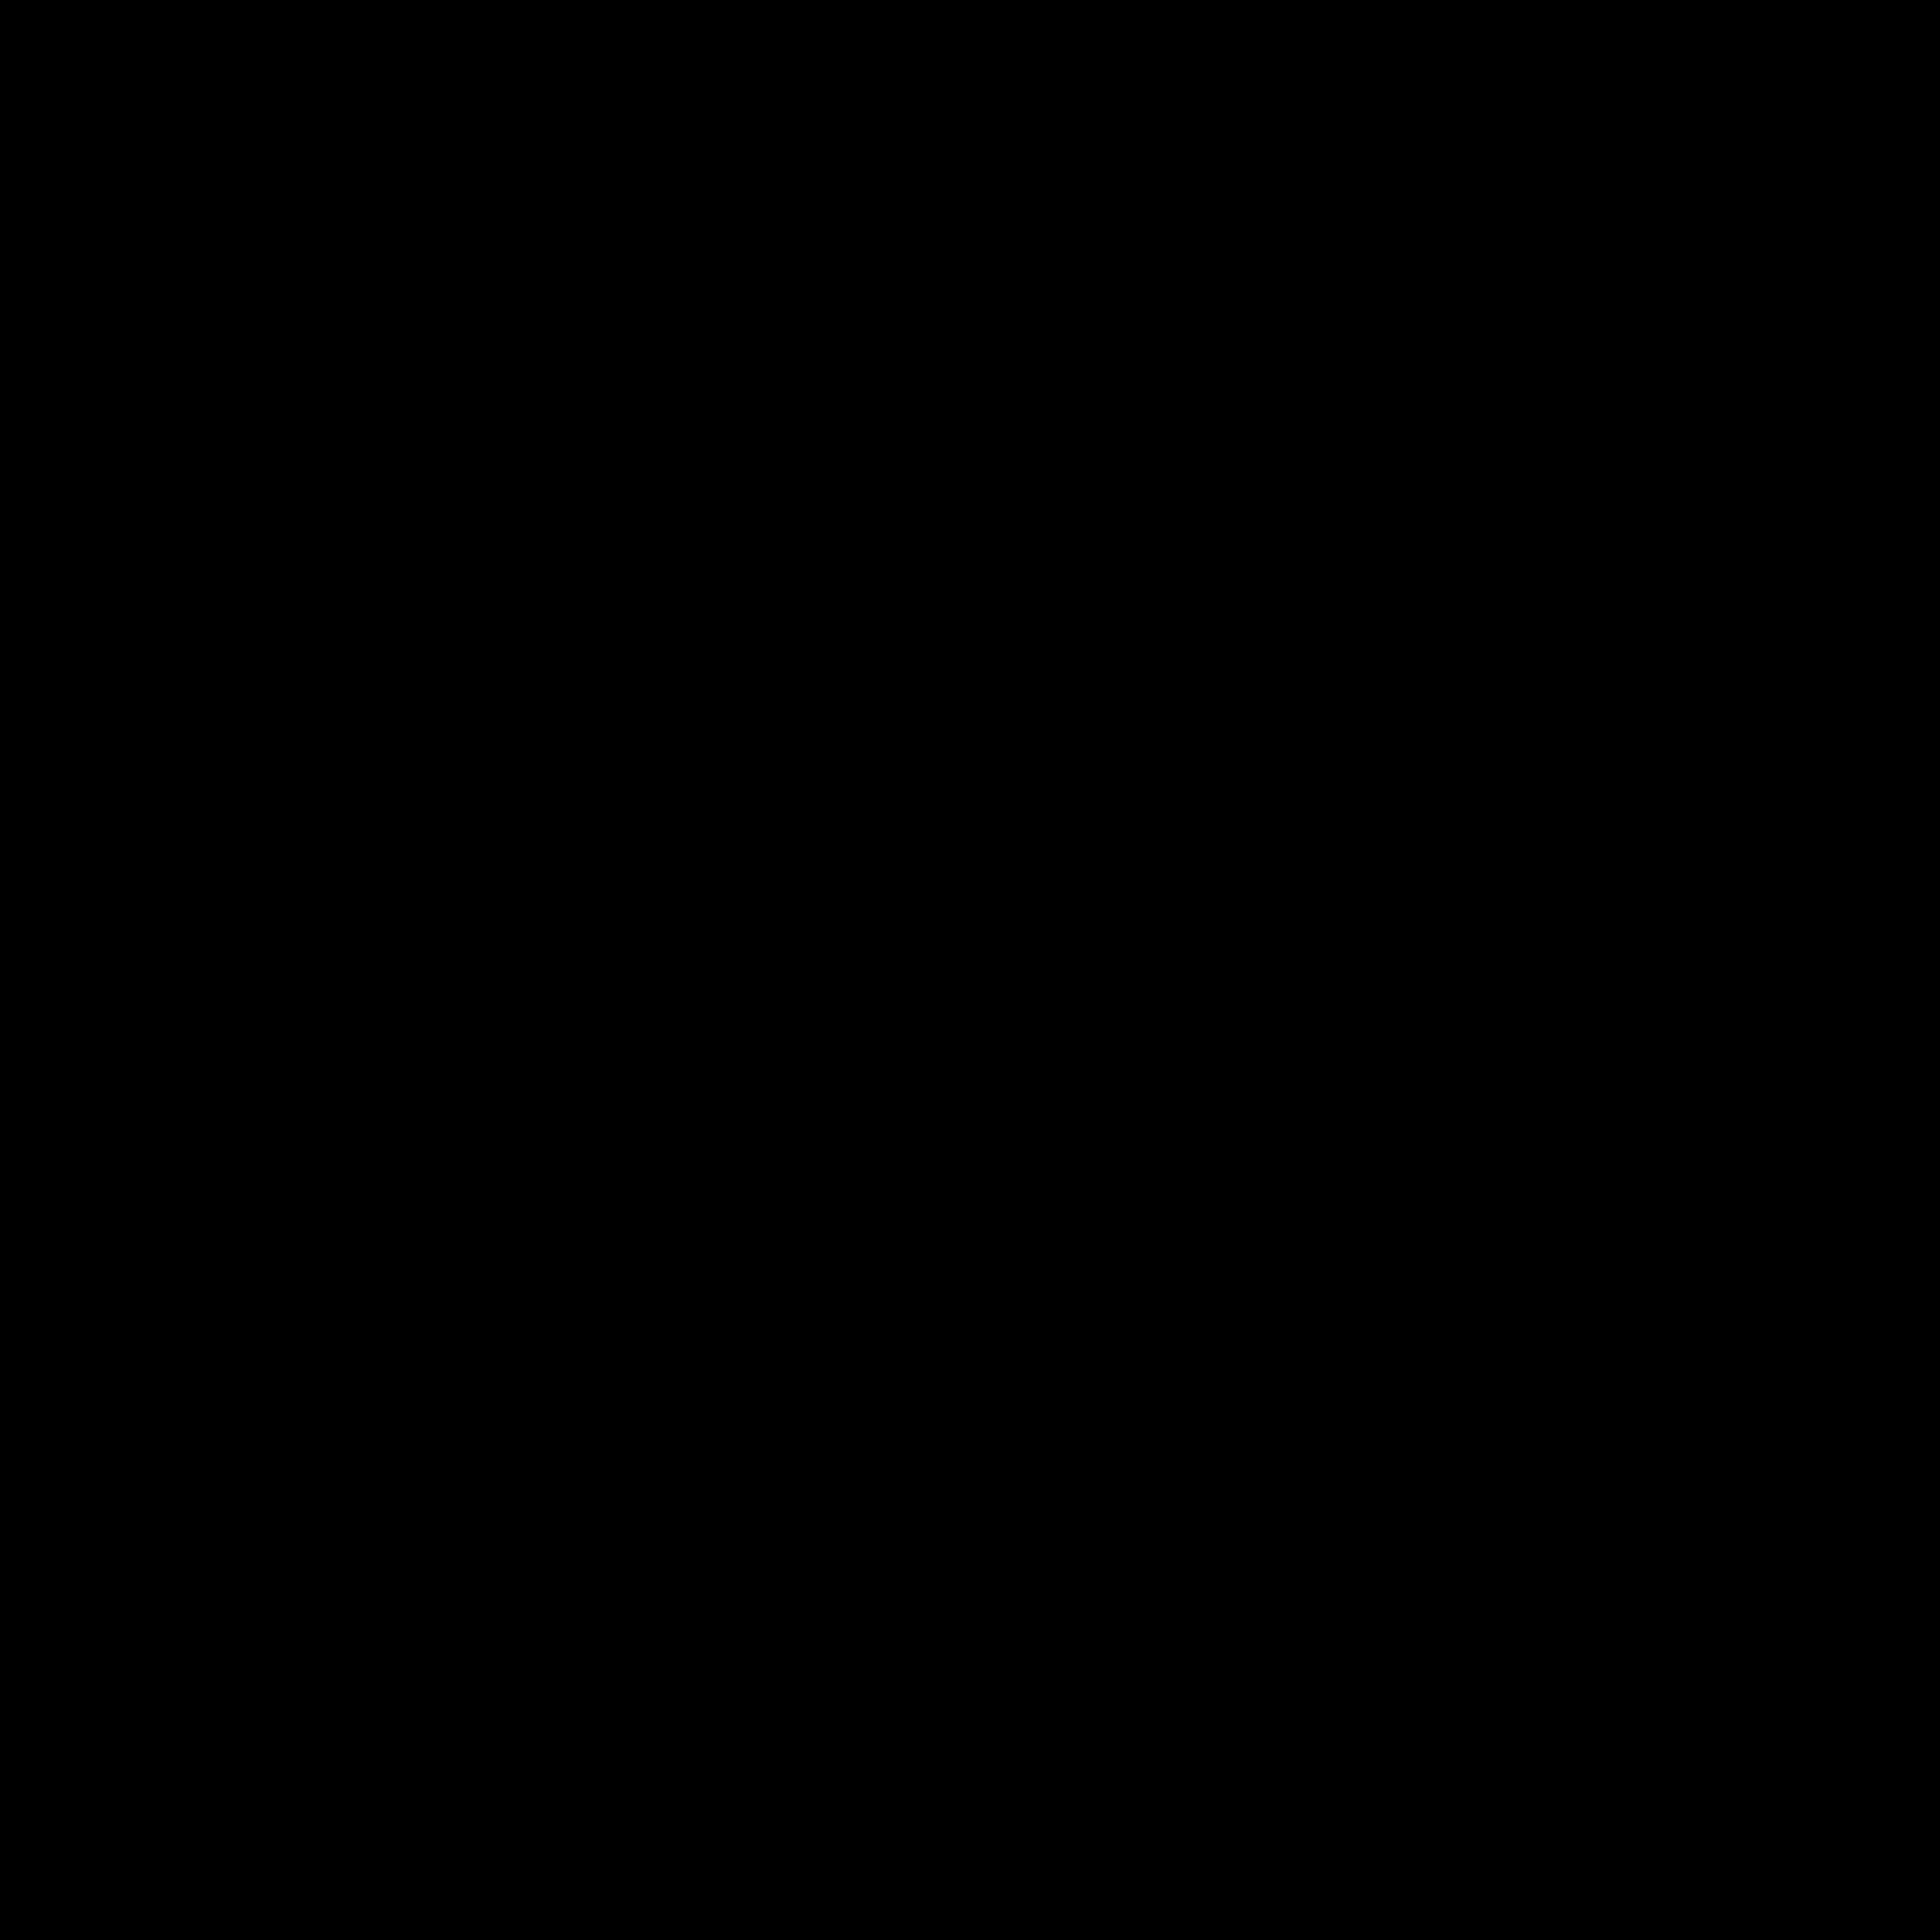 Artengo Badmintonracket Artengo BR990 S voor volwassenen groen